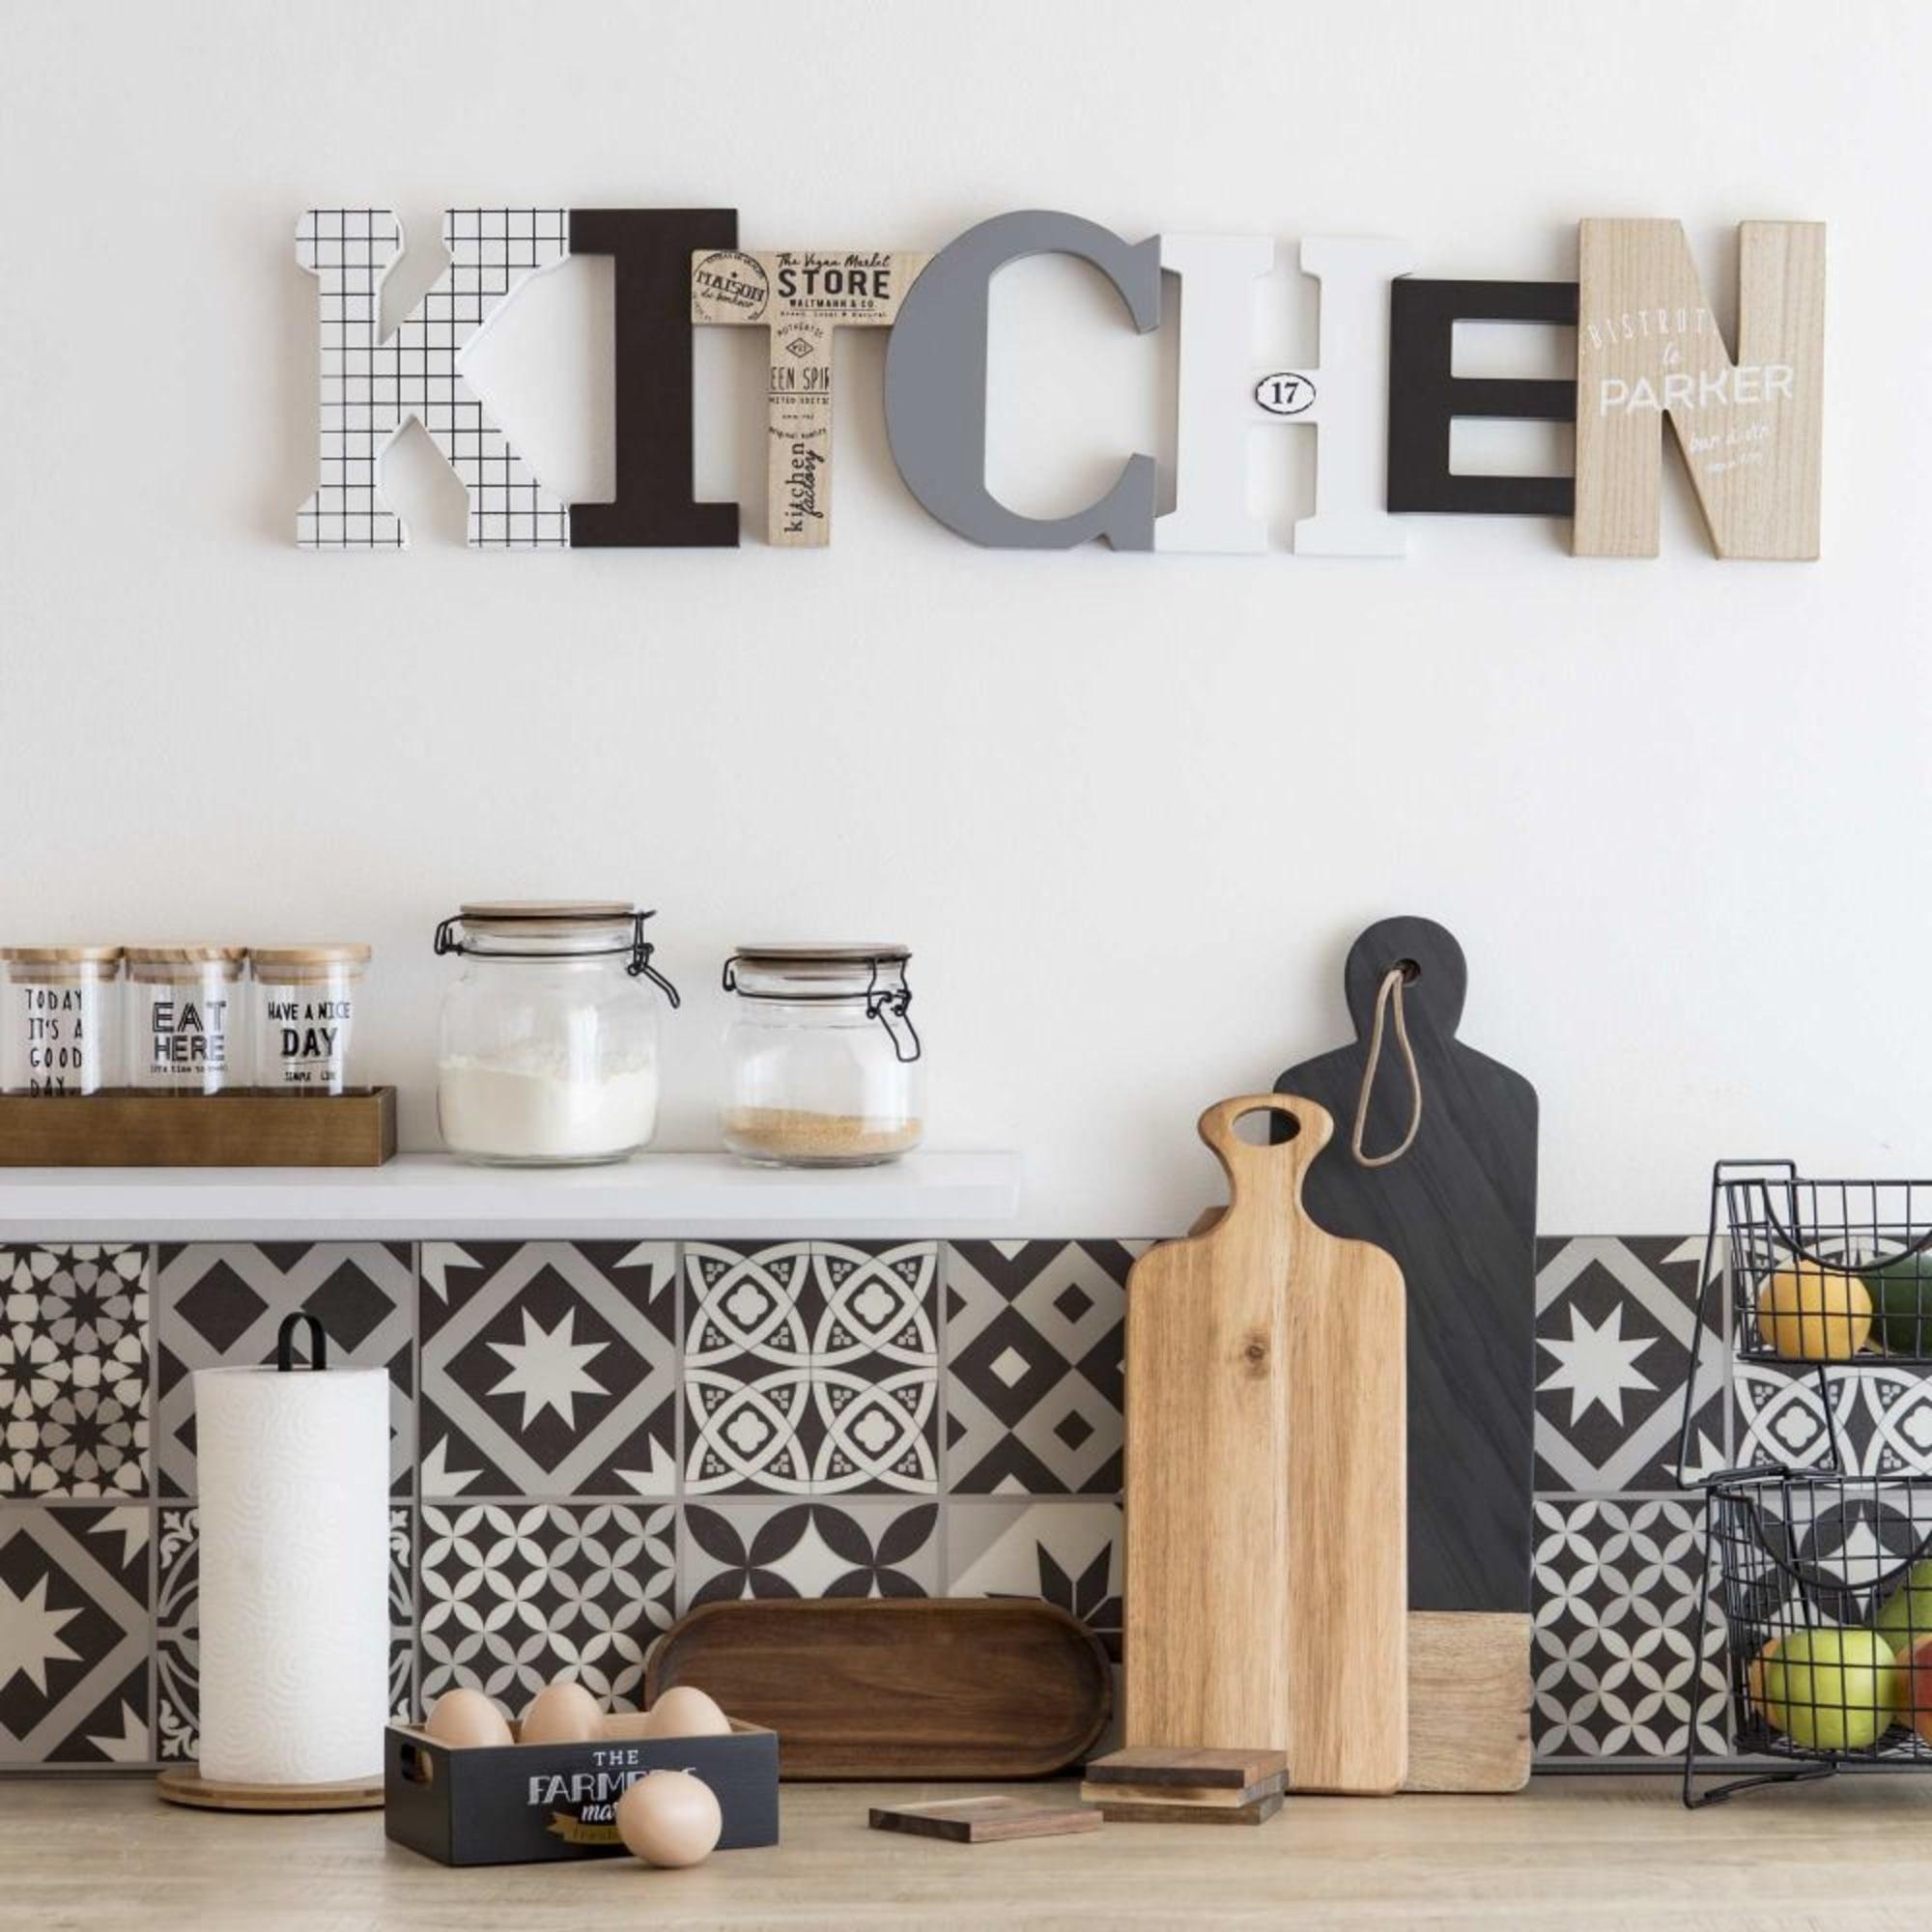 Décoration murale cuisine : 19 idées tendance et inspirantes